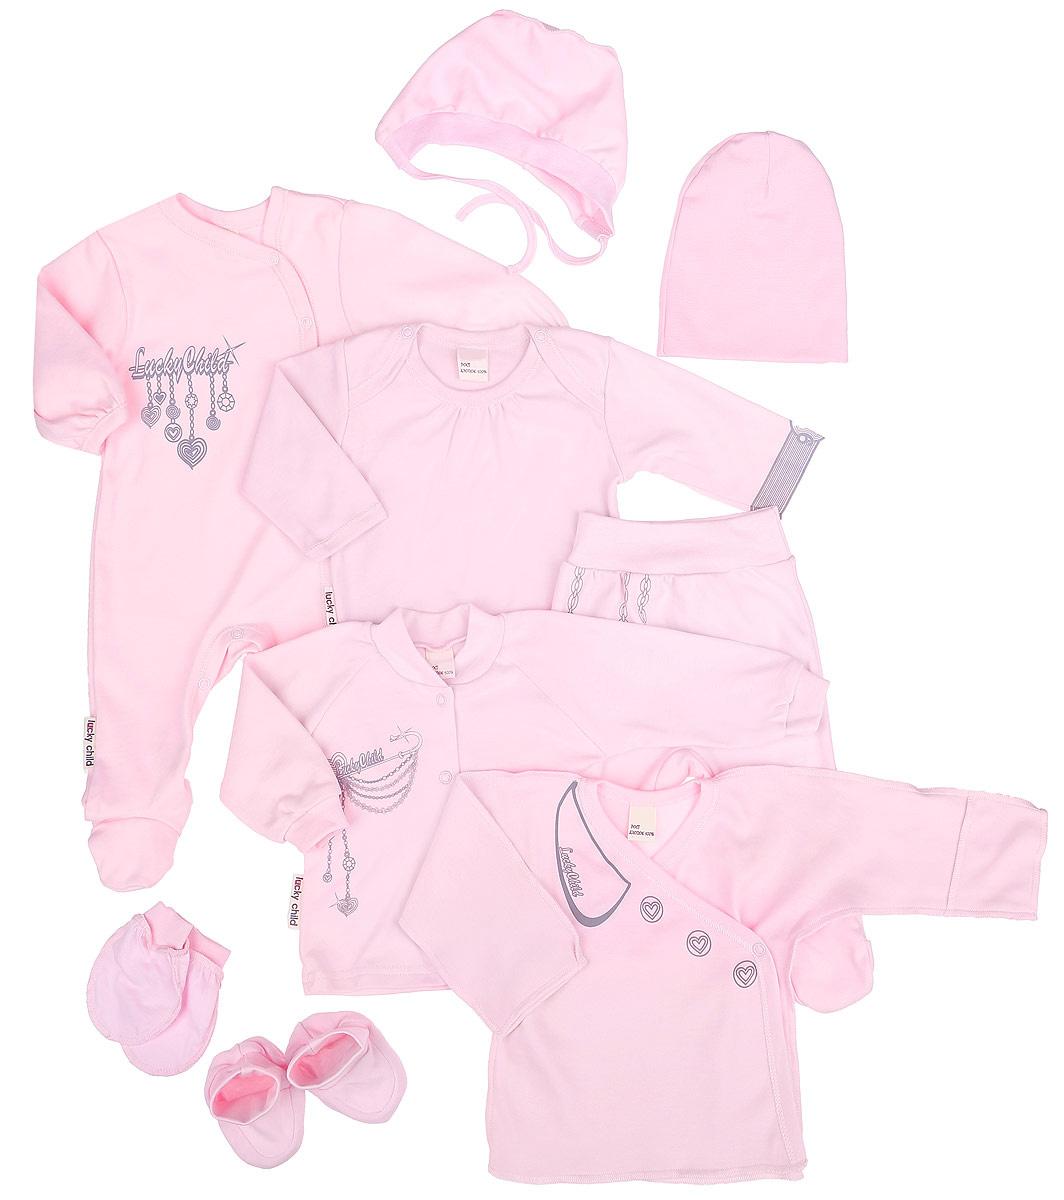 Подарочный комплект для девочки Lucky Child Леди, 9 предметов, цвет: розовый. 2-1000. Размер 56/62, 1-3 месяца2-1000Подарочный комплект Lucky Child Леди - это замечательный подарок, который прекрасно подойдет для вашей малышки. Комплект состоит из комбинезона, боди с длинными рукавами, кофточки, ползунков, распашонки, шапочки, чепчика, рукавичек и пинеток. Комплект изготовлен из высококачественного хлопка и оформлен оригинальными принтами. Он необычайно мягкий и приятный на ощупь, не сковывает движения малыша и позволяет коже дышать, не раздражает даже самую нежную и чувствительную кожу ребенка, обеспечивая ему наибольший комфорт. Комбинезон с круглым вырезом горловины, длинными рукавами и закрытыми ножками имеет застежки-кнопки спереди до щиколотки и на ластовице, которые помогают легко переодеть младенца или сменить подгузник. В комбинезоне спинка и ножки младенца всегда будут в тепле. Удобное боди с длинными рукавами и круглым вырезом горловины имеет удобные застежки-кнопки на плечах и ластовице. Горловина дополнена декоративными складками. Левый рукав изделия оформлен изображением наручных часов. Кофточка с V-образным вырезом горловины и длинными рукавами имеет застежки-кнопки по всей длине, которые помогают с легкостью переодеть ребенка. Воротник и манжеты рукавов выполнены из эластичного трикотажа. Ползунки, благодаря мягкому и широкому поясу, не сдавливают животик младенца и не сползают. Они идеально подходят для ношения с подгузником и без него. Распашонка-кимоно для новорожденного выполнена швами наружу. Благодаря системе застежек-кнопок по принципу кимоно модель можно полностью расстегнуть. А благодаря рукавичкам ребенок не поцарапает себя. Мягкая двойная трикотажная шапочка и хлопковый чепчик, необходимы любому младенцу, они защищают еще не заросший родничок, щадят чувствительный слух ребенка, прикрывая ушки, и предохраняют от теплопотерь. Очень удобные пинетки дополнены широкой резинкой, не сдавливающей ножки младенца. С ними ножки вашей крохи всегда буд